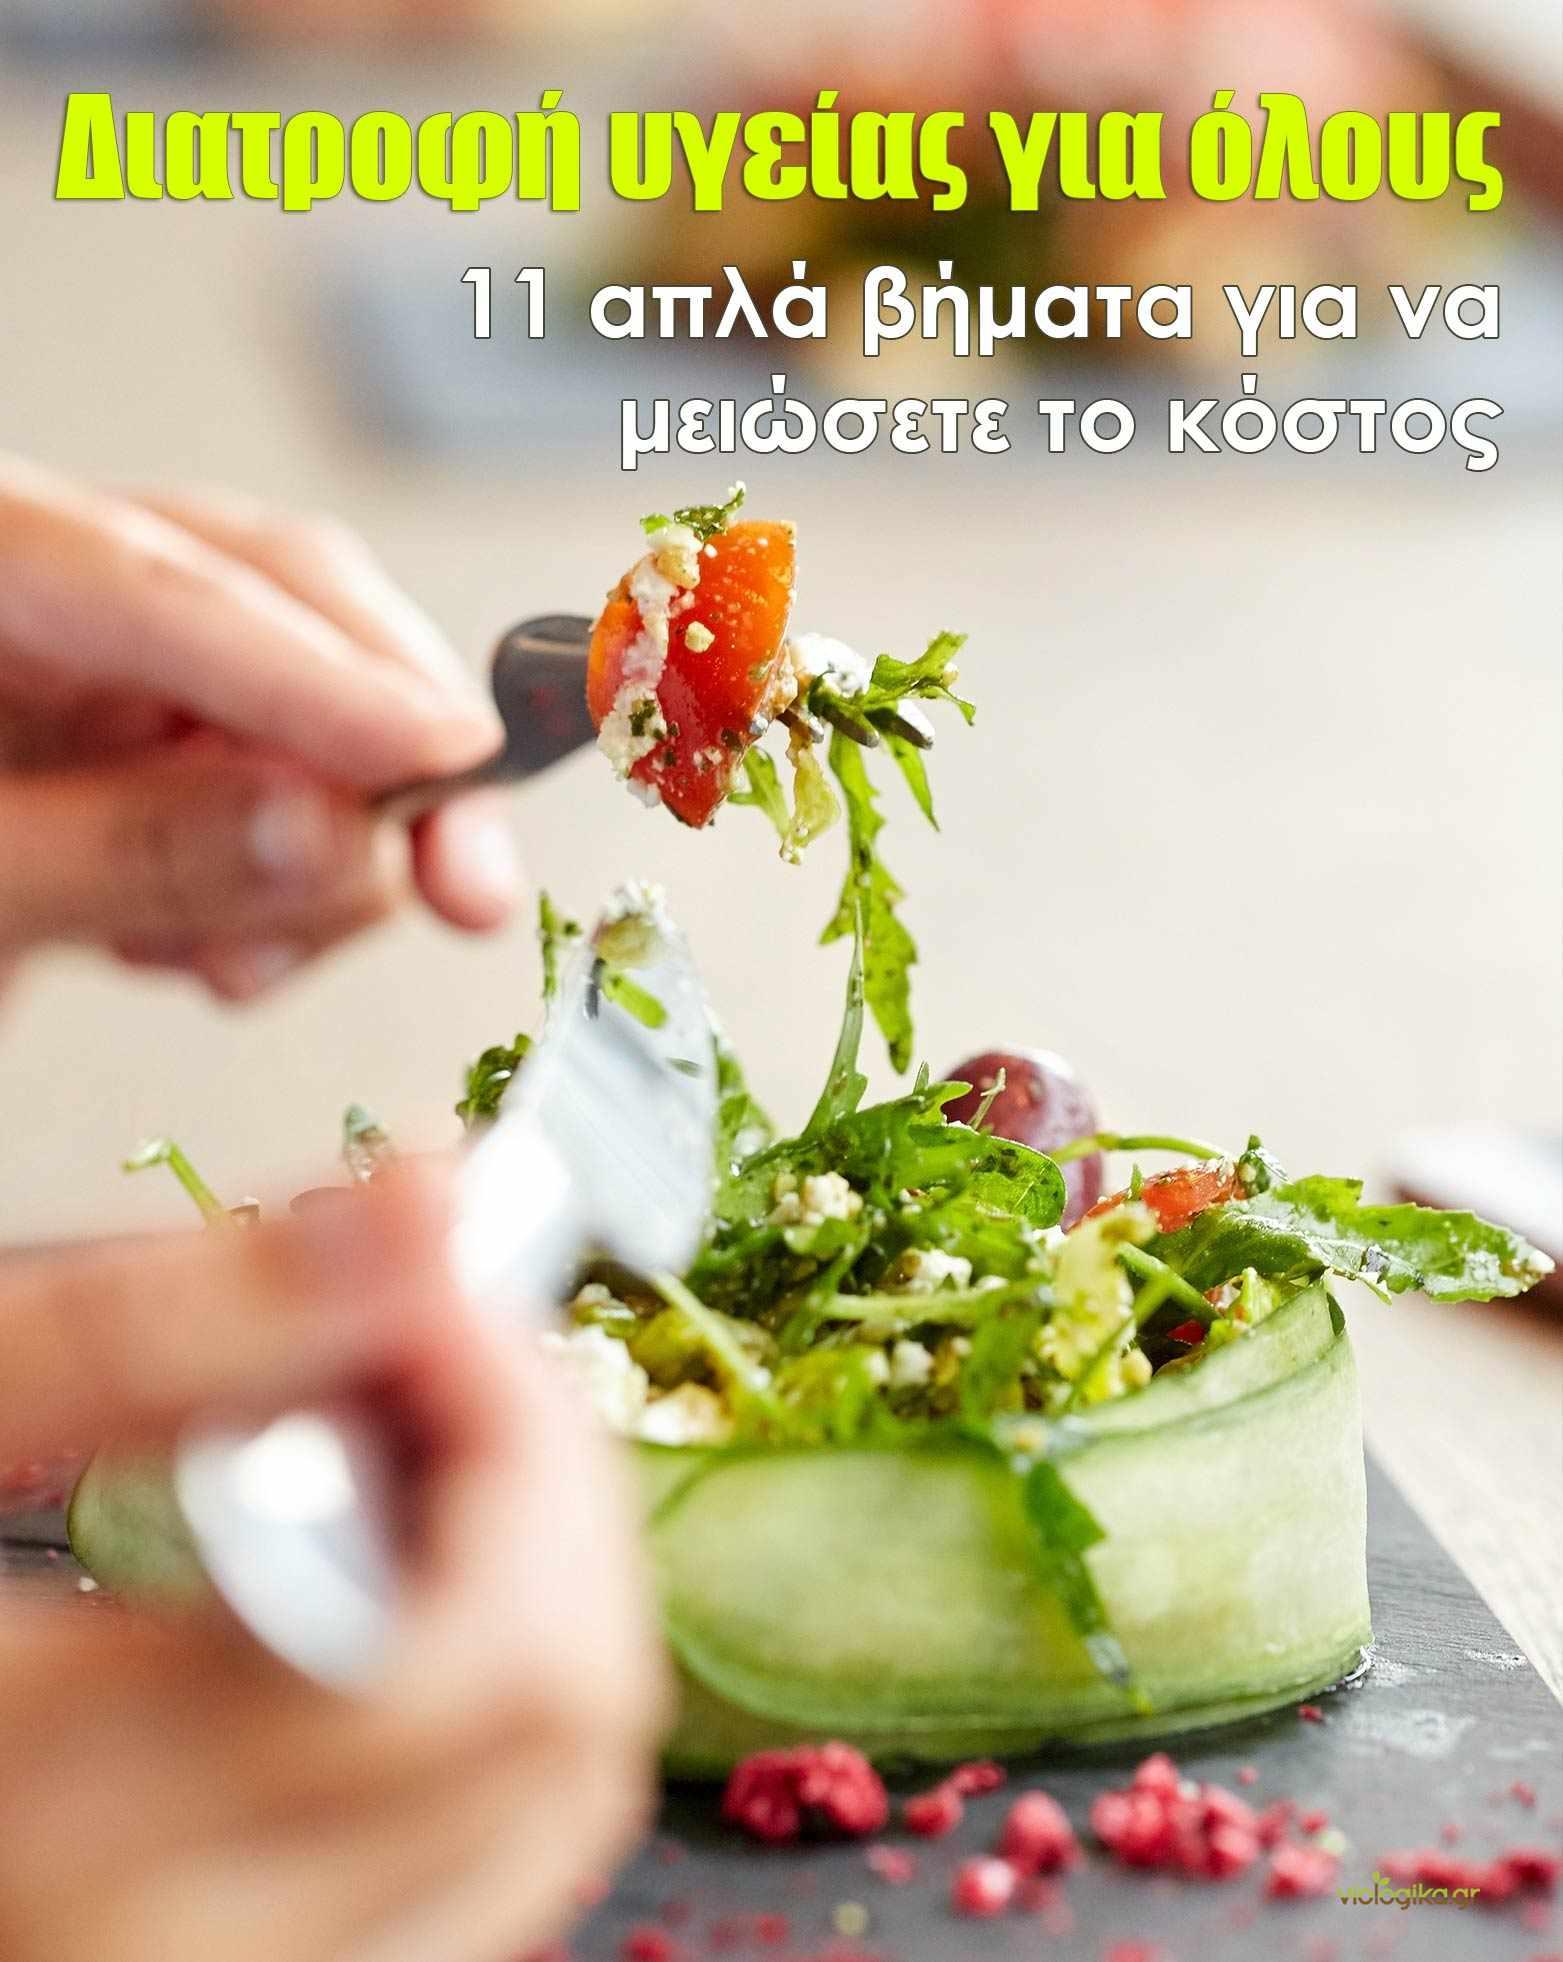 11 πρακτικές συμβουλές για υγιεινή διατροφή με περιορισμένο προϋπολογισμό